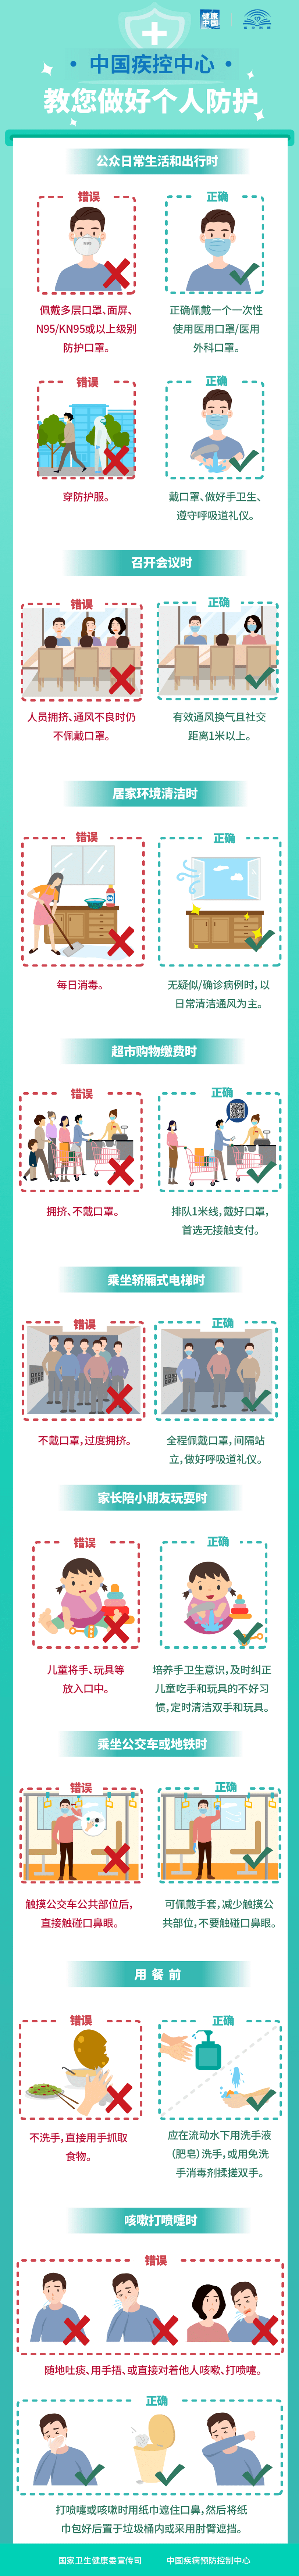 如何做好个人防护,看权威策略→